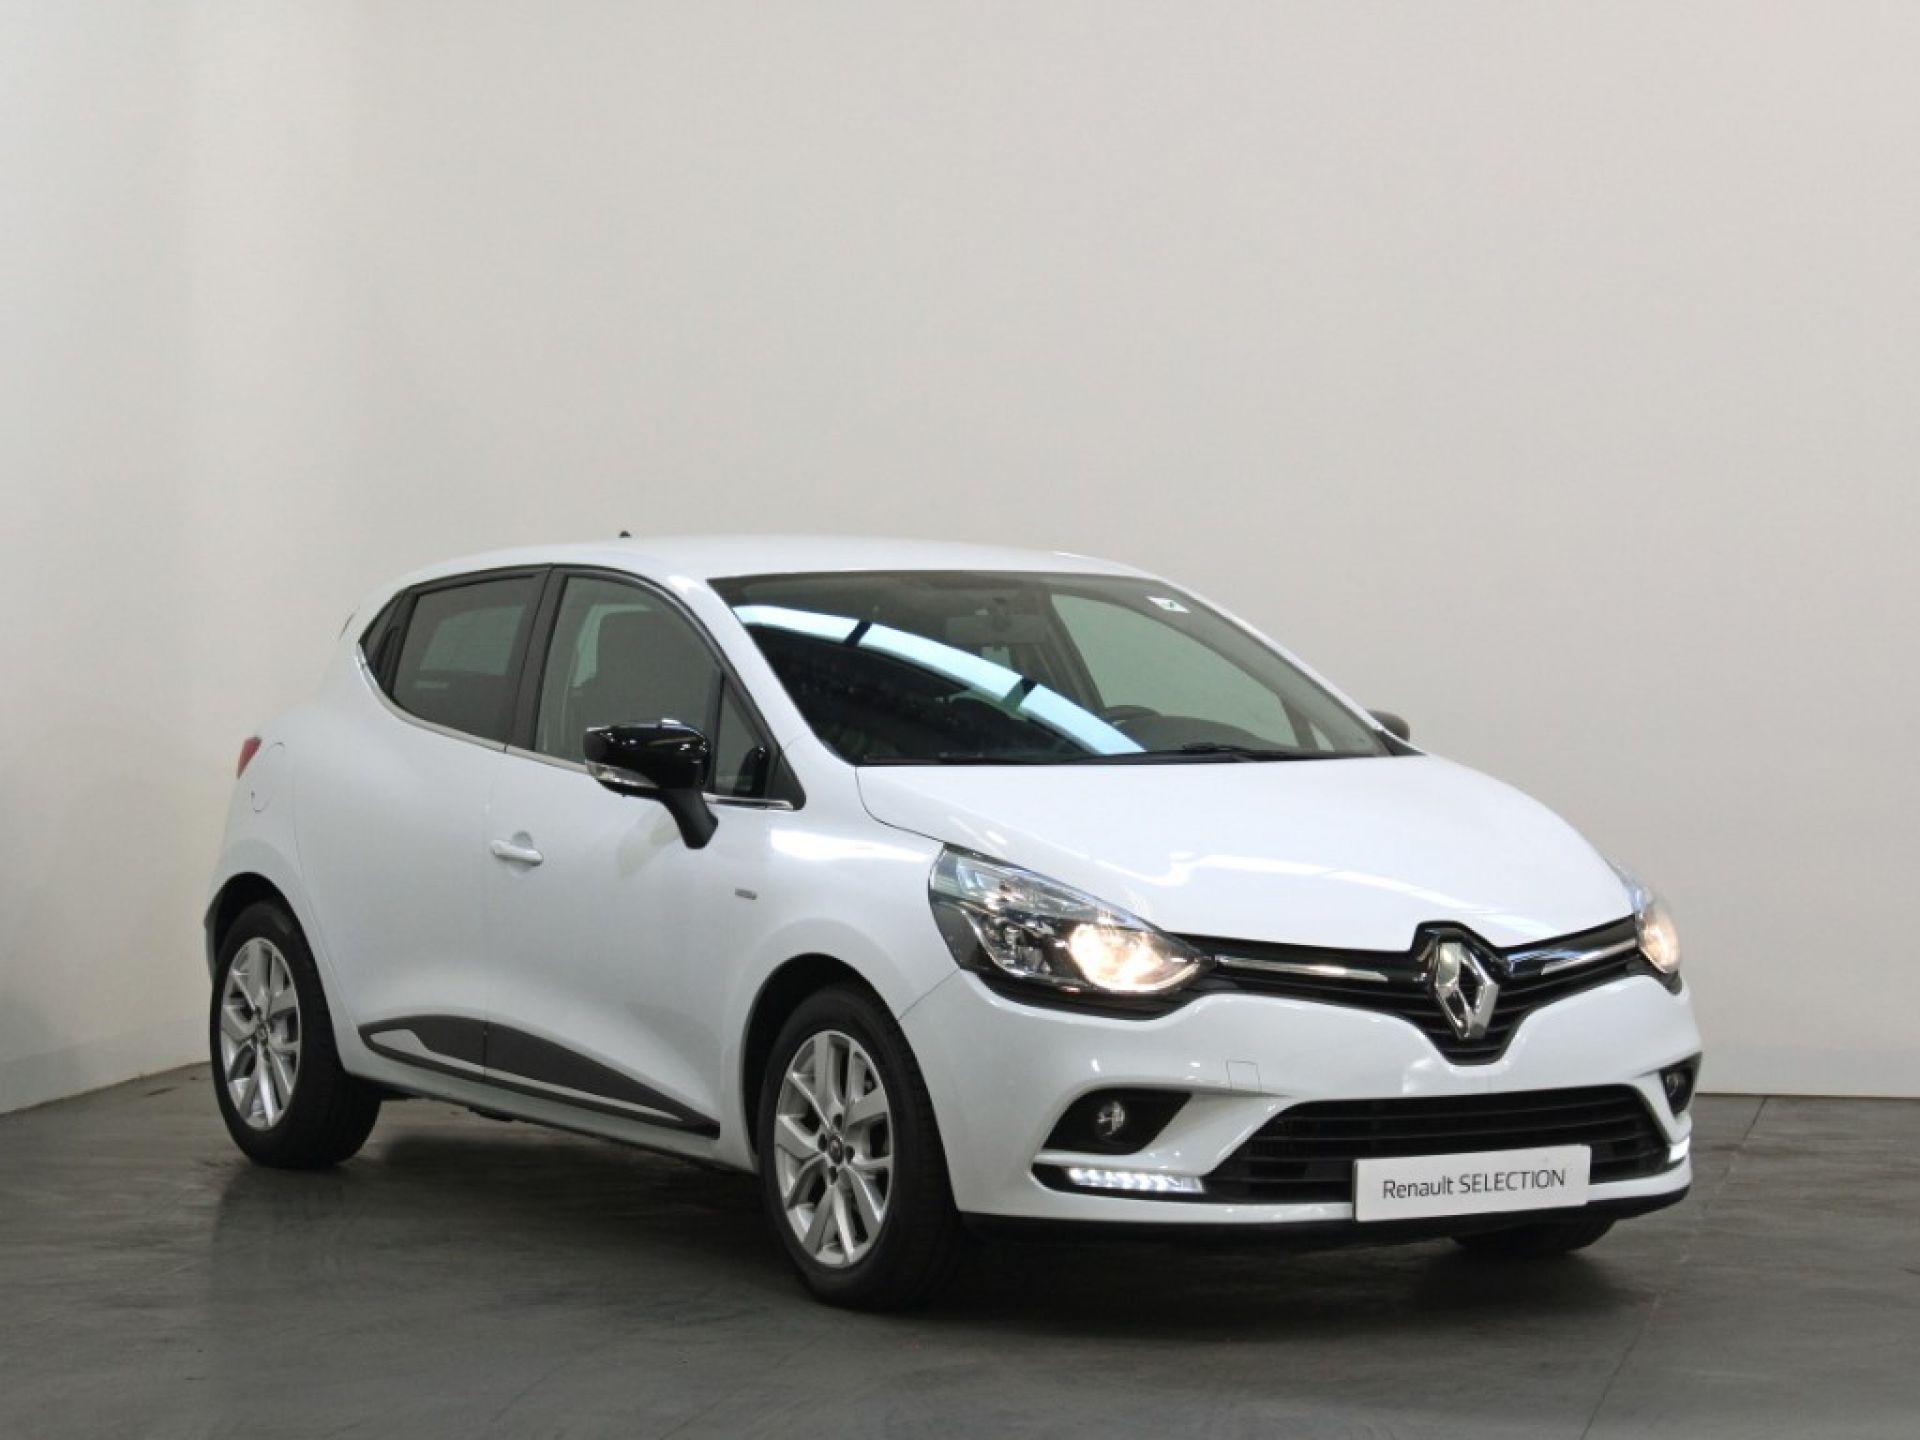 Renault Clio 0.9 TCe 90 Bi-Fuel Limited segunda mão Porto